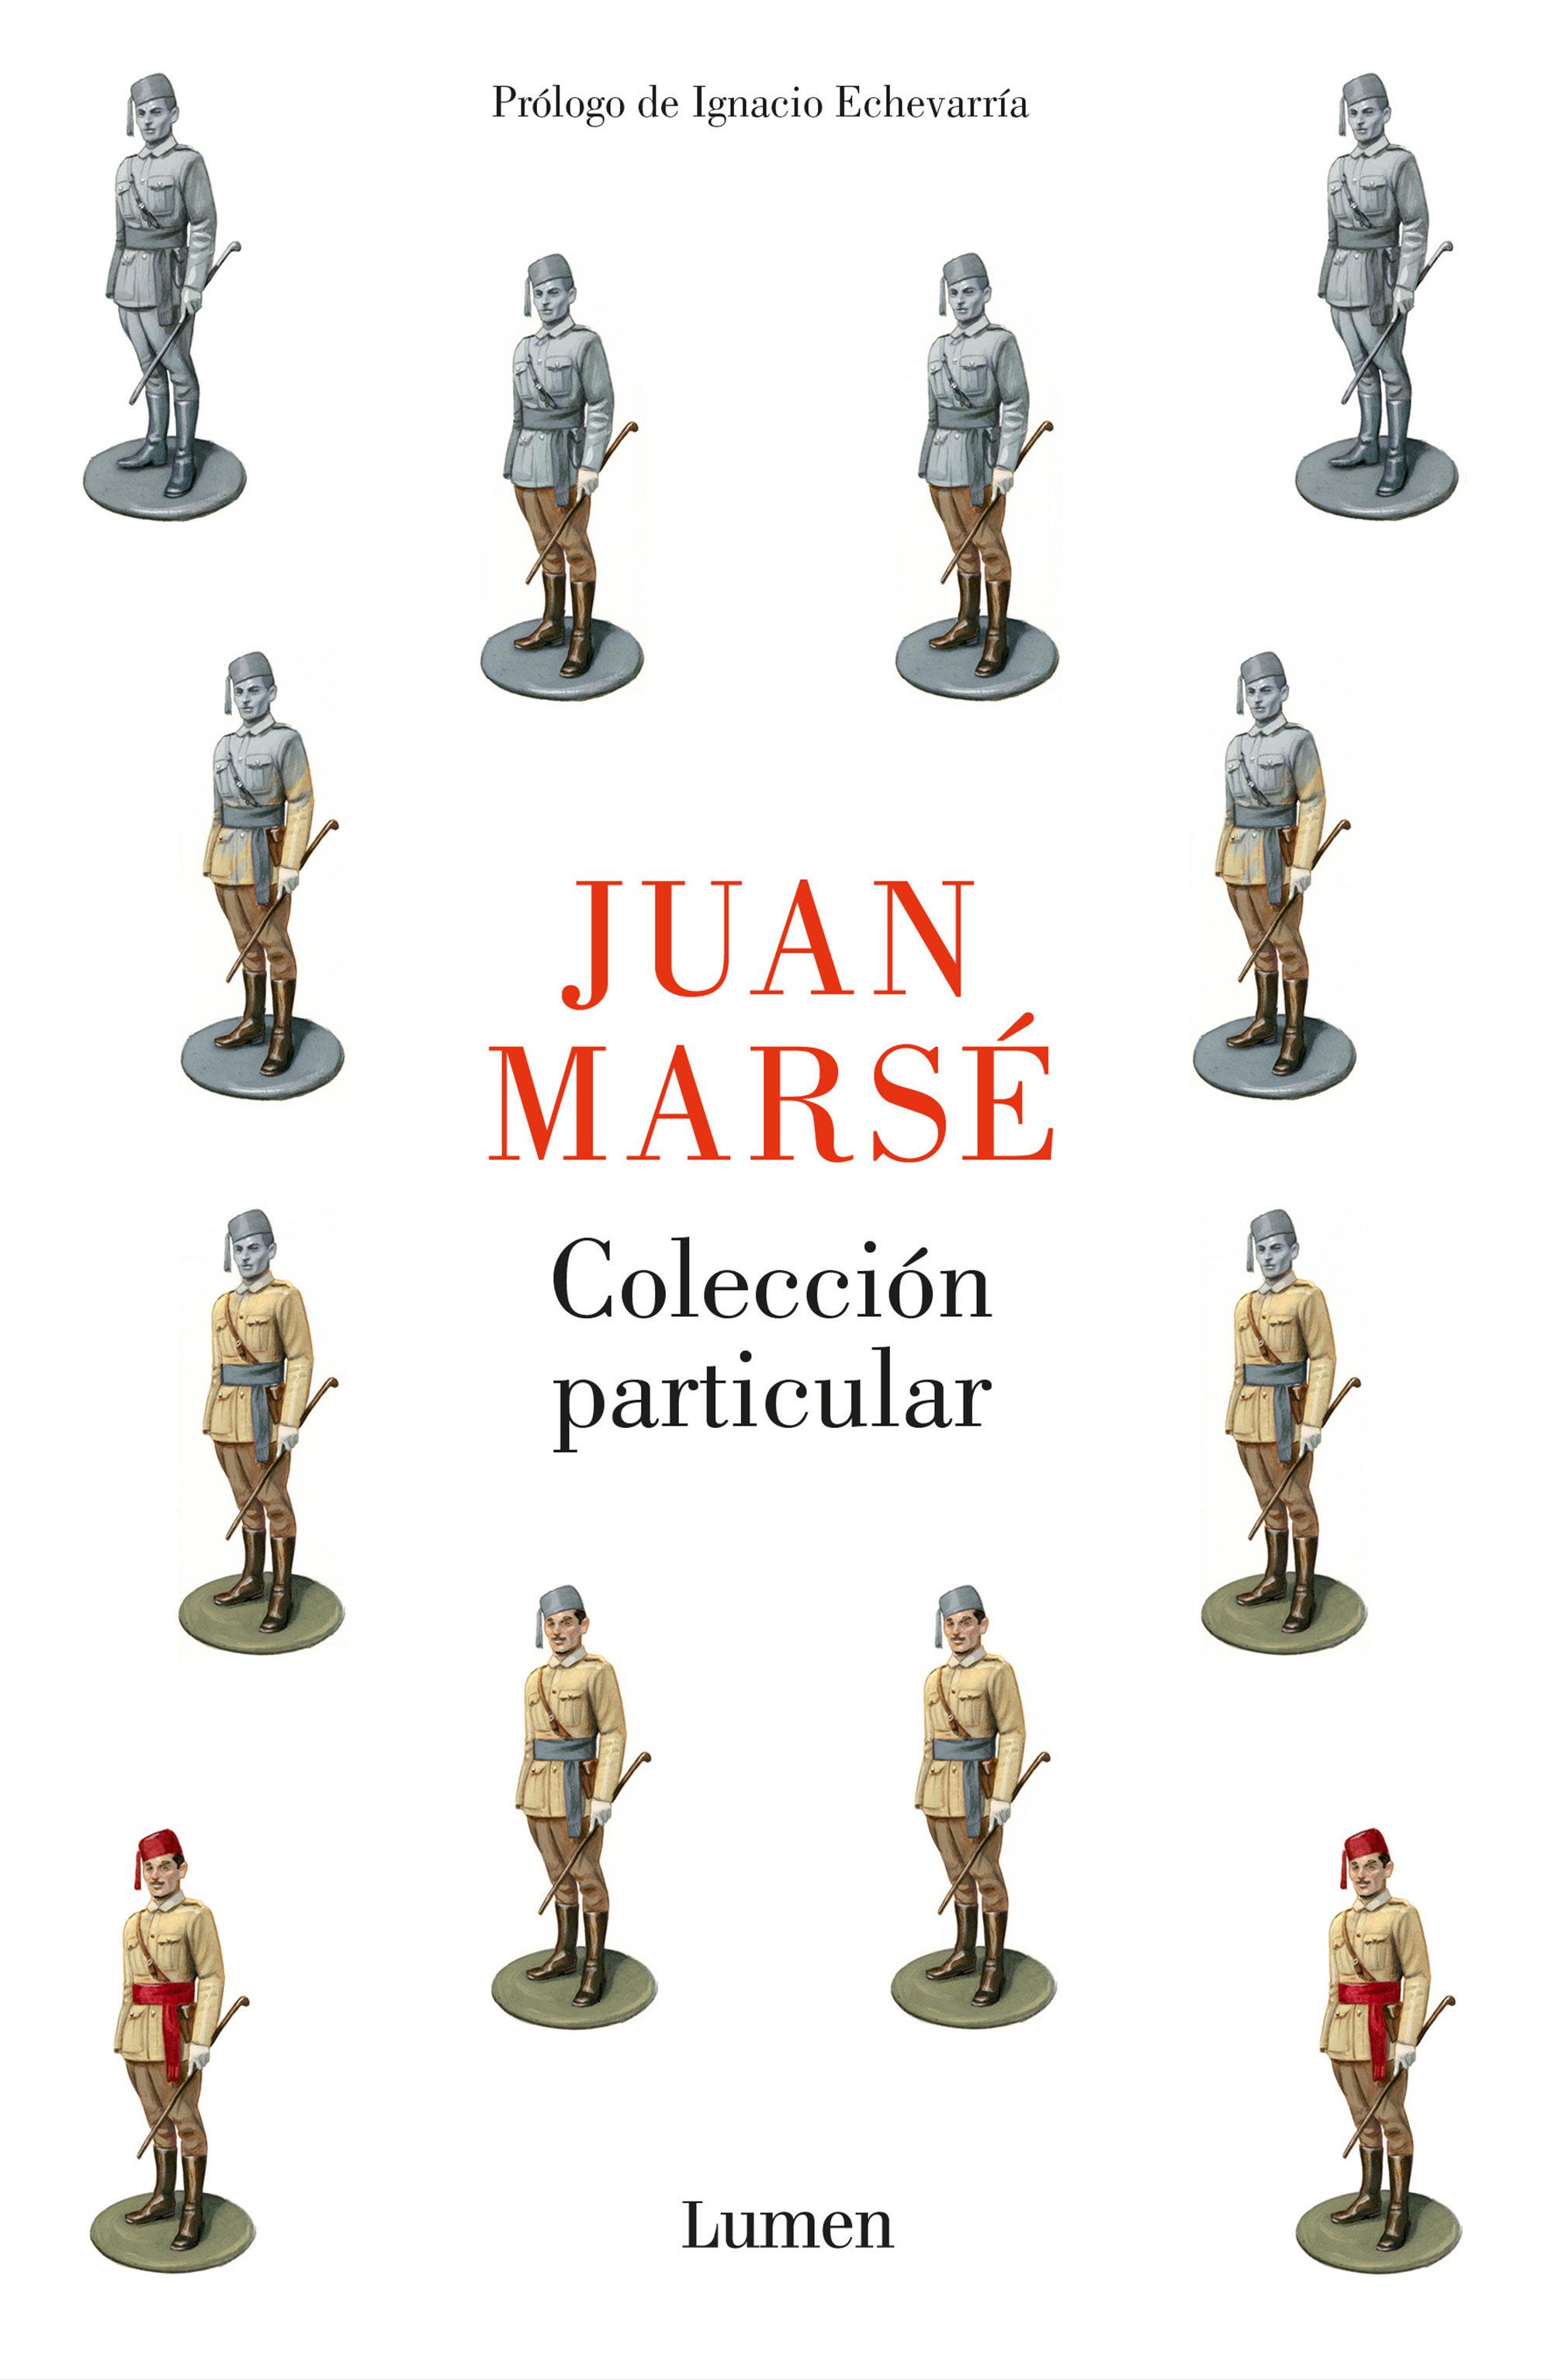 juan-marse-coleccion-particular.jpg